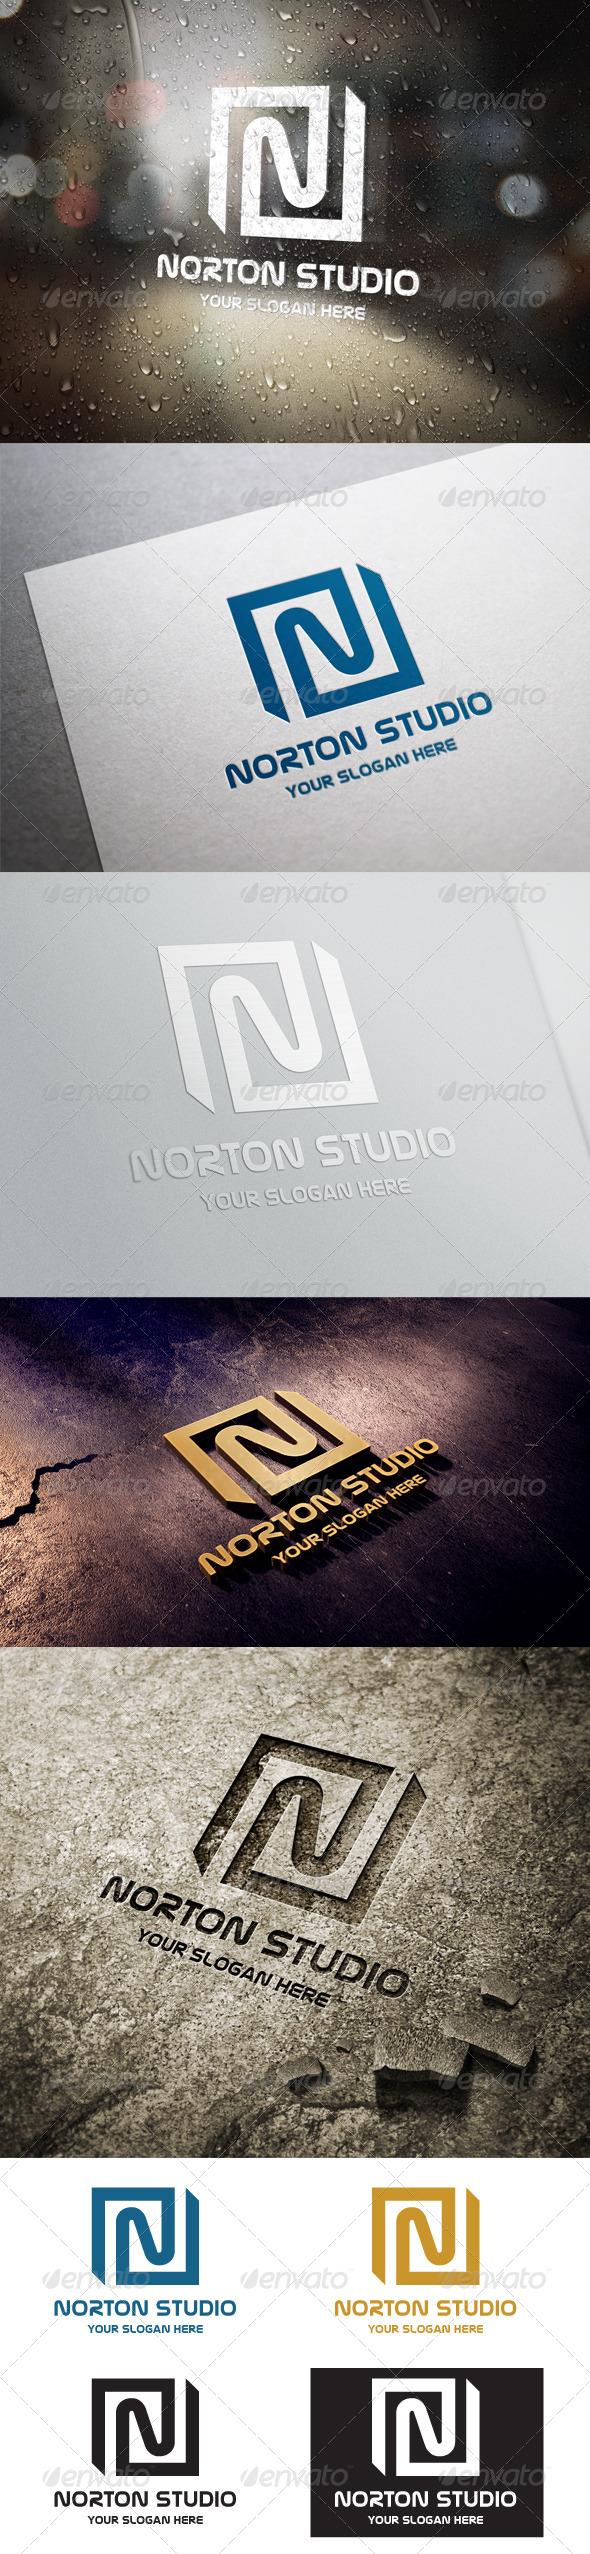 Norton Studio.jpg (590×2554)